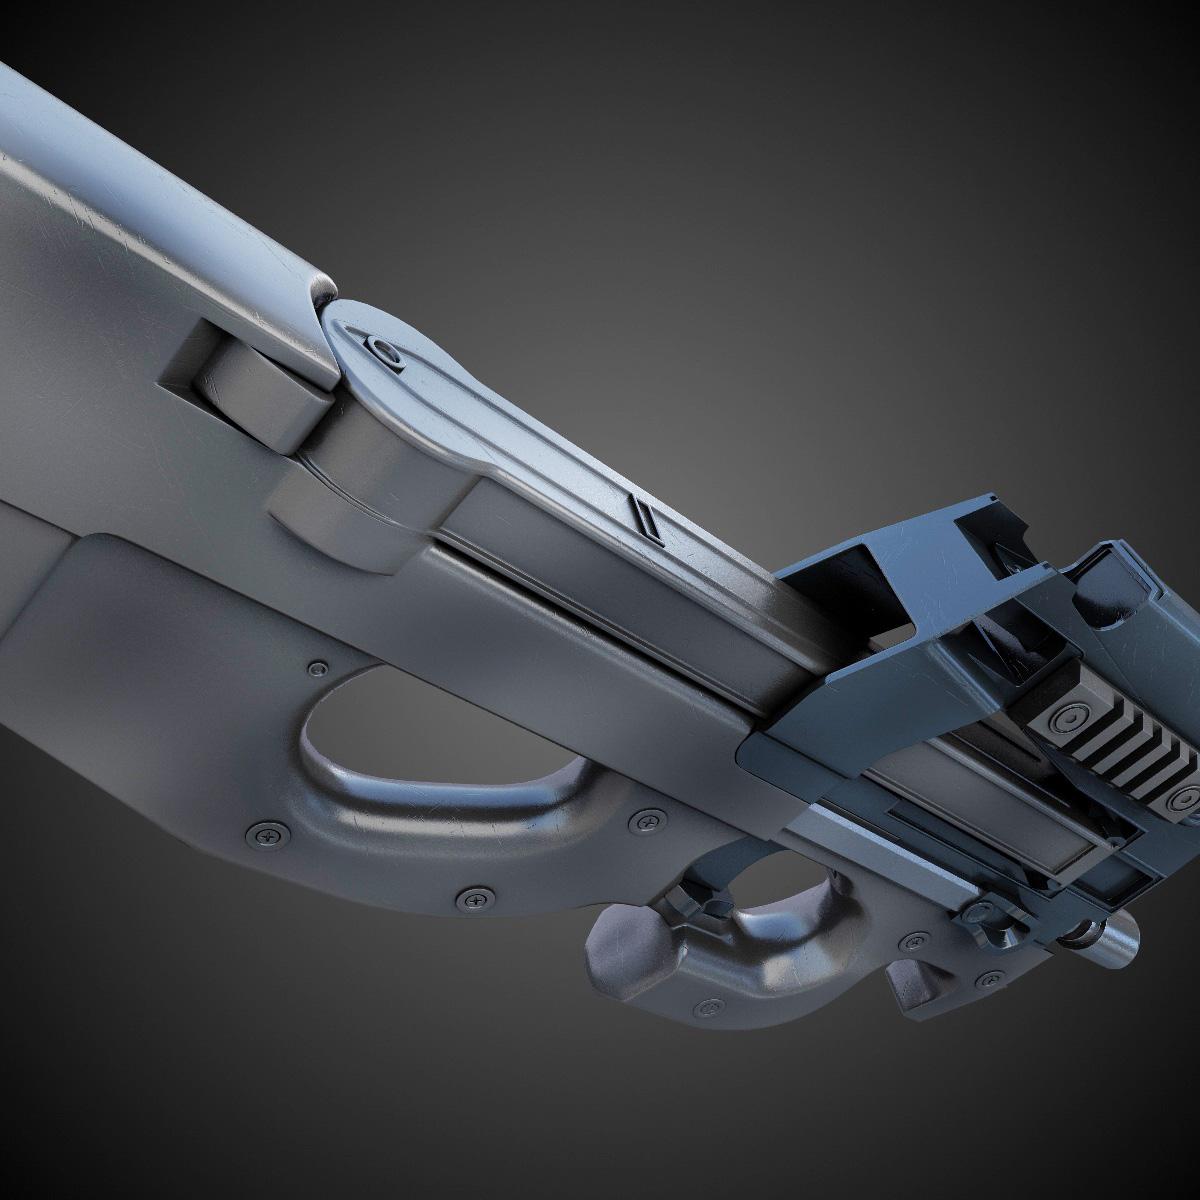 FN P90 SMG Hi-Res